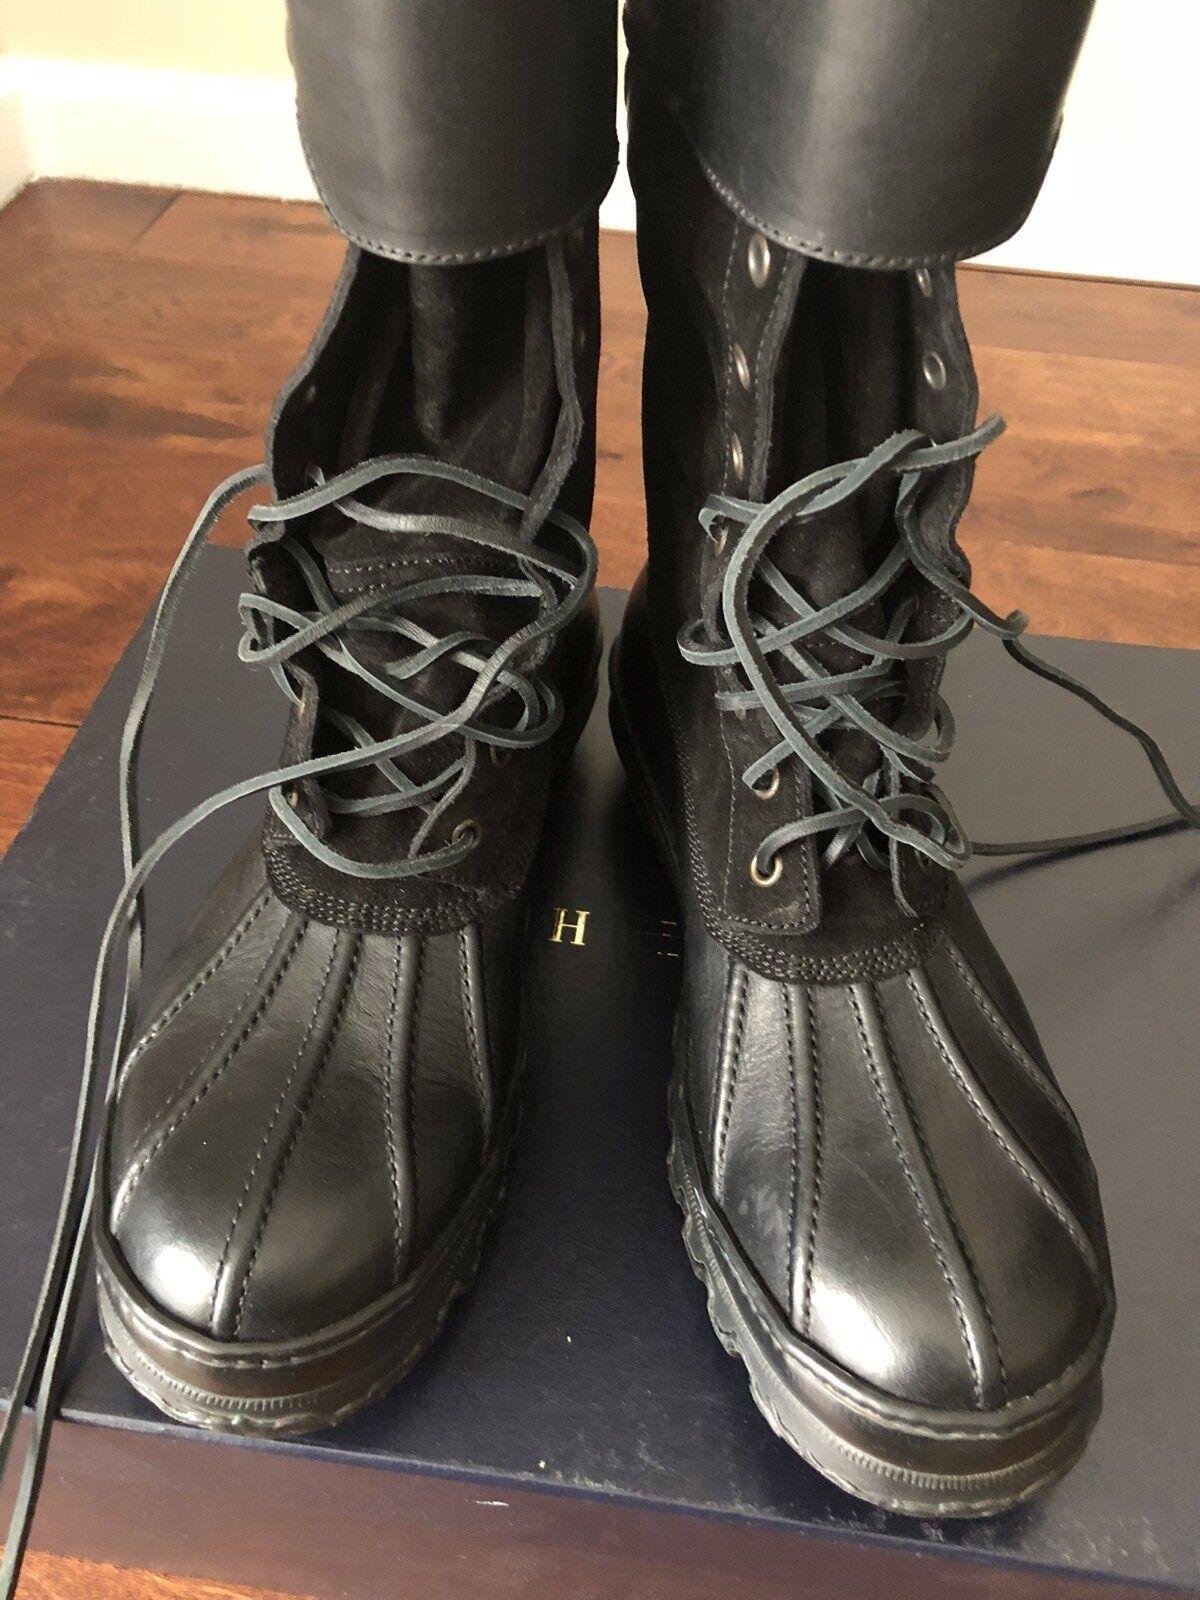 NIB  895 POLO RALPH LAUREN rotFORD schwarz Stiefel SZ SZ SZ 36.5 MADE IN ITALY 6c918a